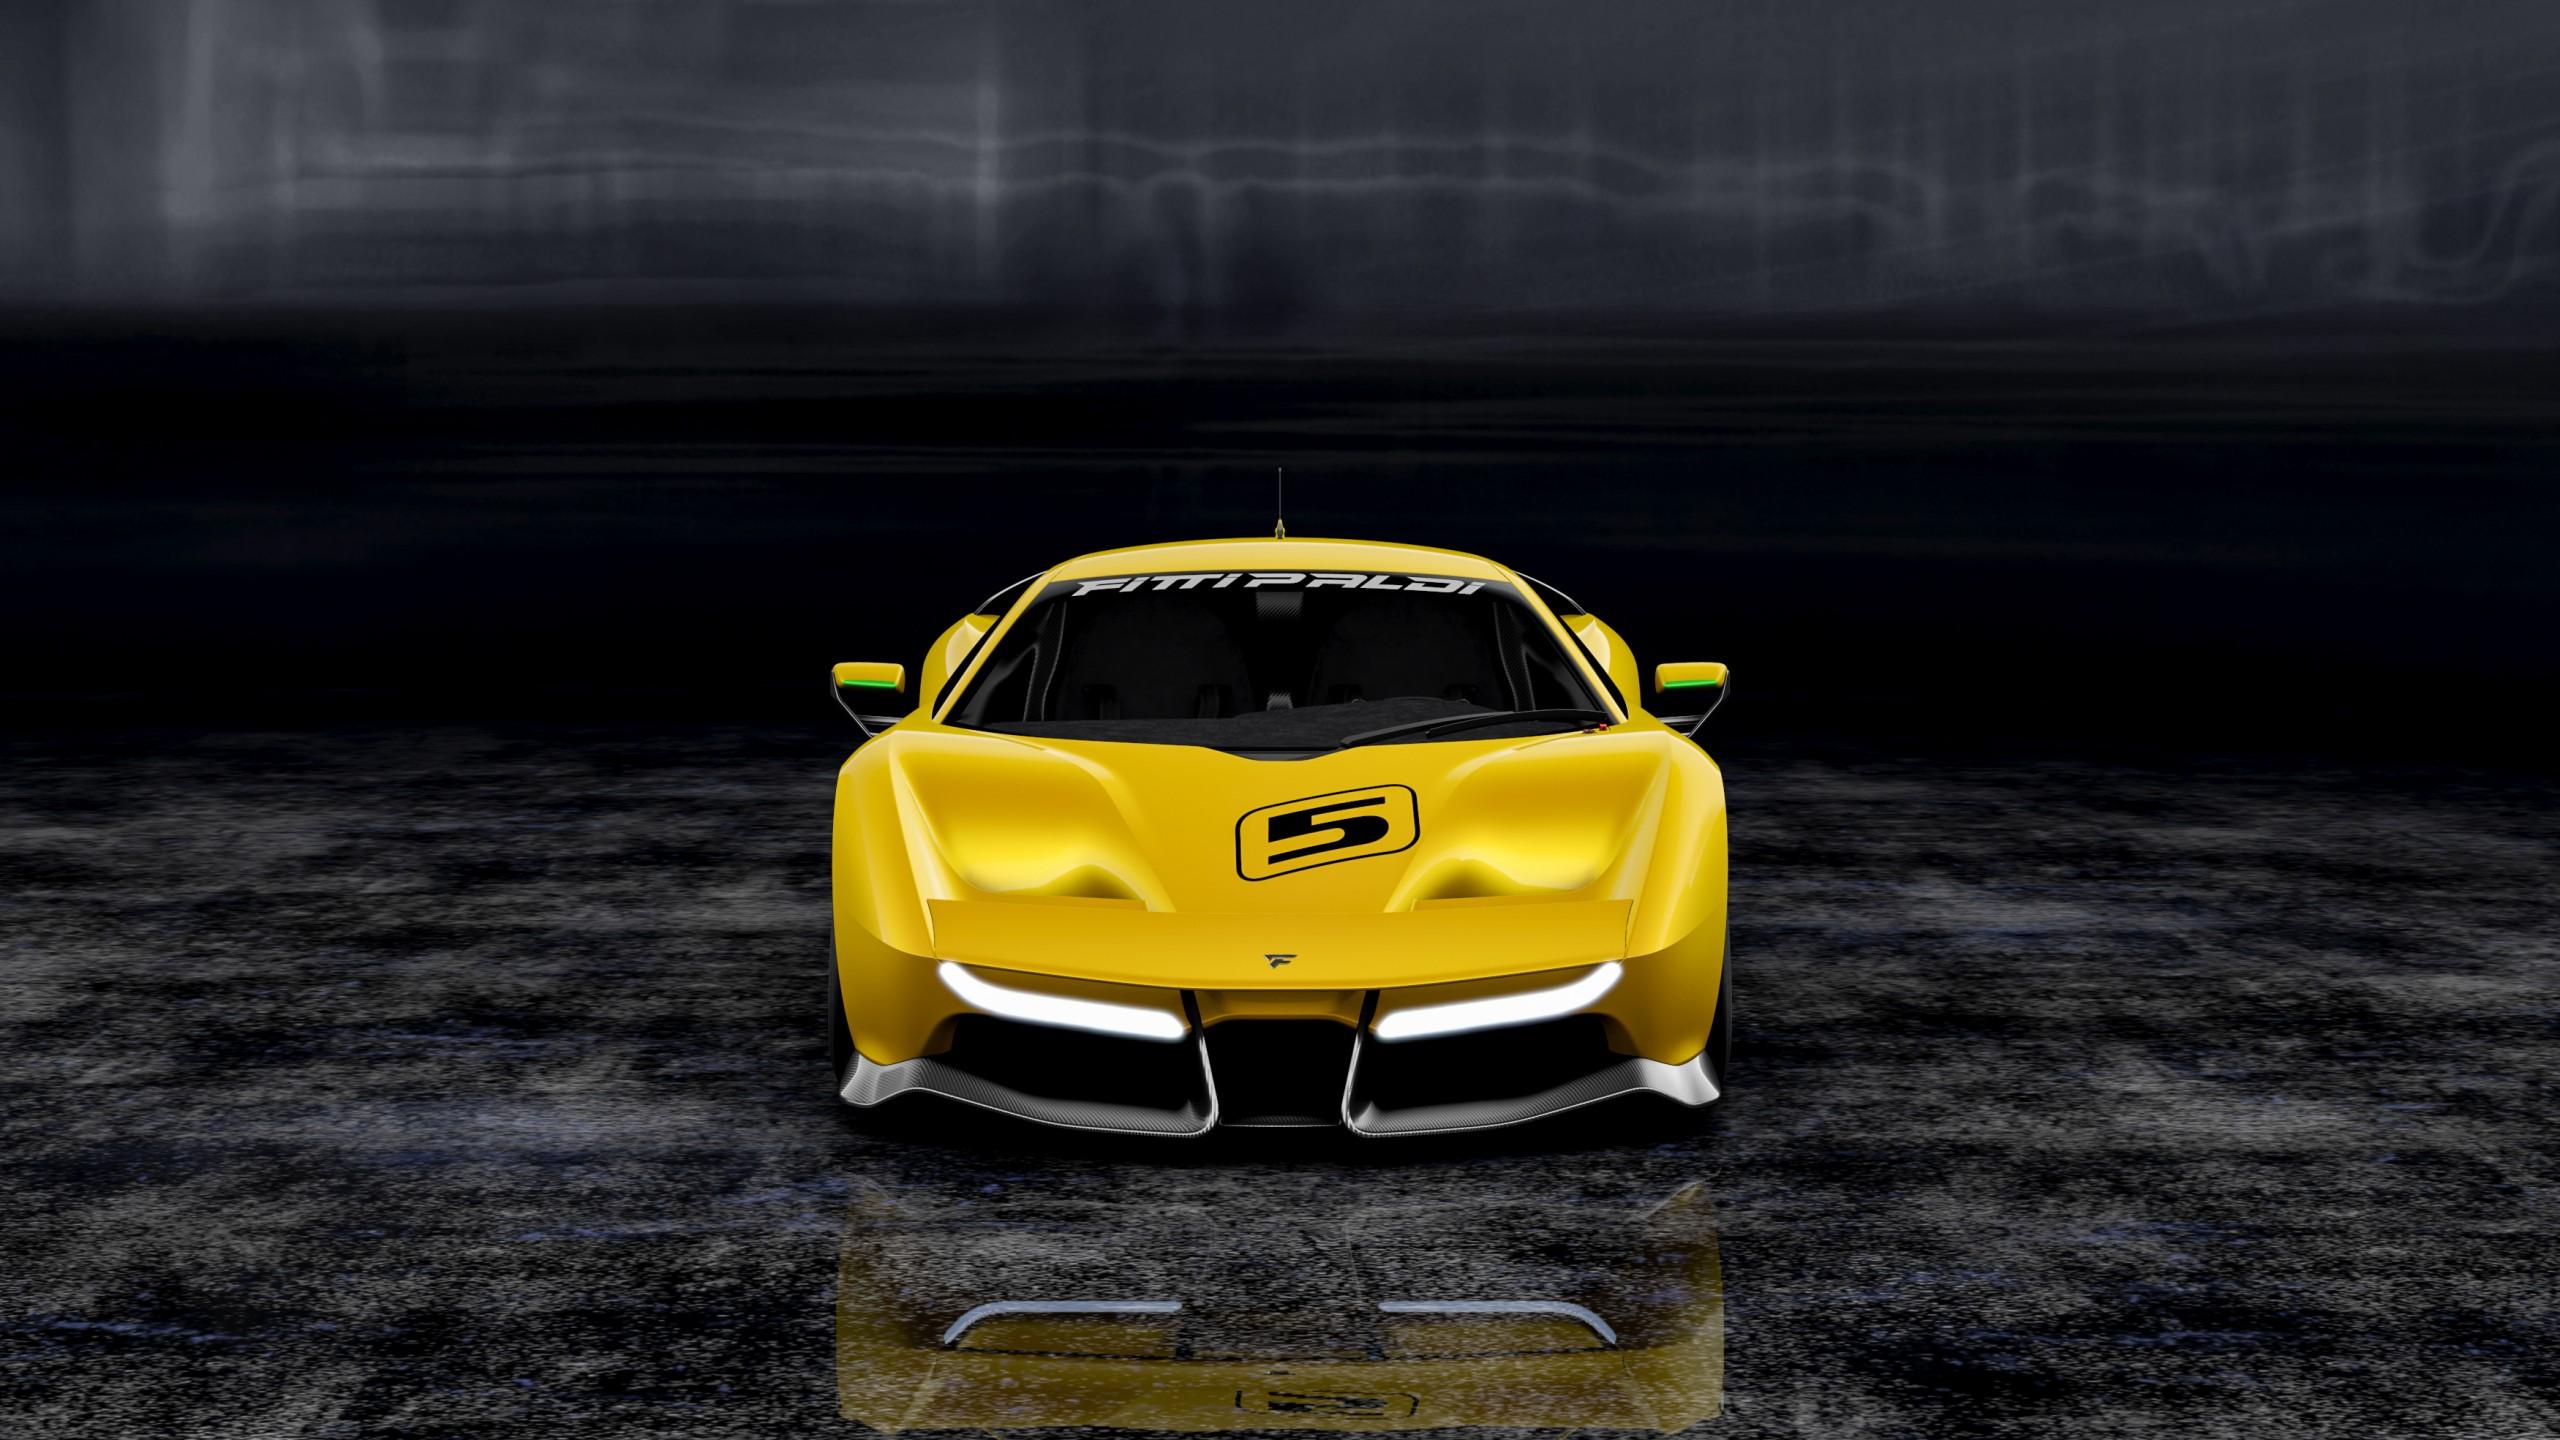 2017 Fittipaldi Ef7 Vision Gran Turismo 2 Wallpaper Hd